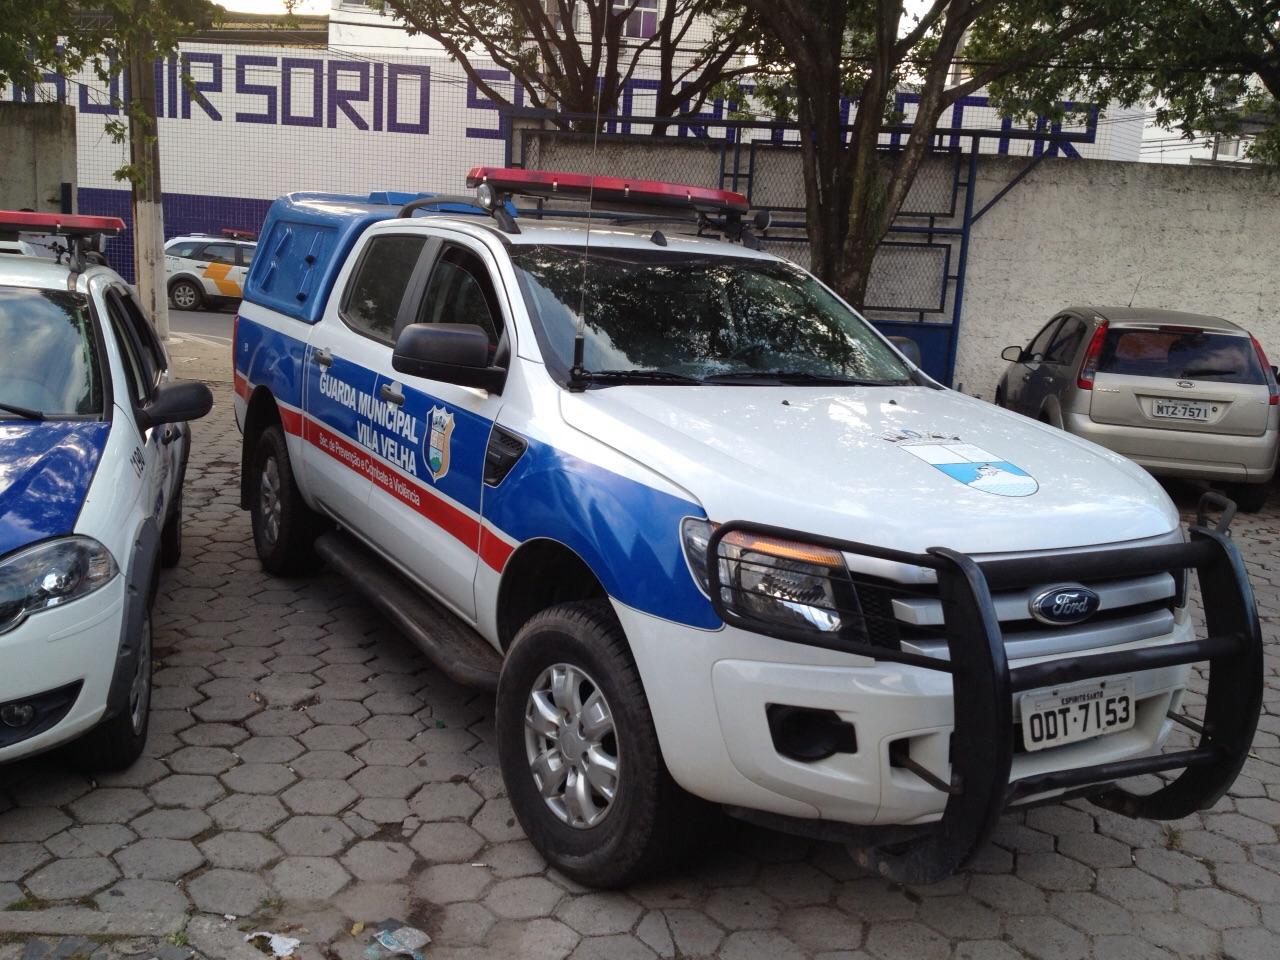 Taxista acusa guarda de injúria racial após confusão perto de boate ...